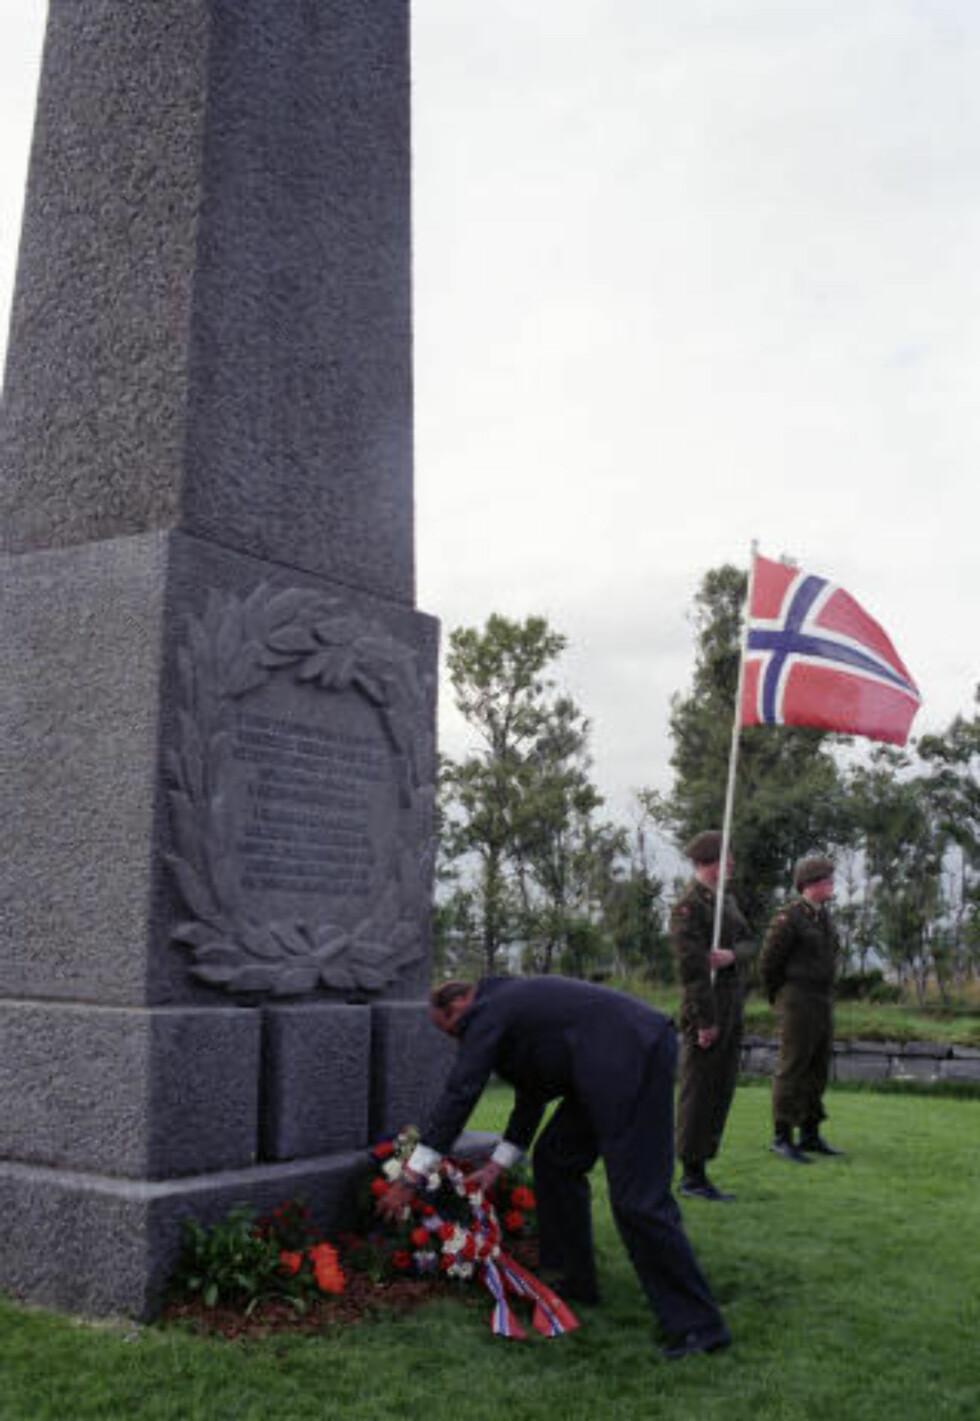 BLE FLYTTET HIT: I første omgang gravde de opp cirka 4.500 lik i Nord-Norge for å flytte dem til en kjempestor kirkegård i Tjøtta, sør for Sandnessjøen.  Her legger Kong Harald ned en krans på krigskirkegården på Tjøtta 1992. Foto: TERJE BENDIKSBY/SCANPIX